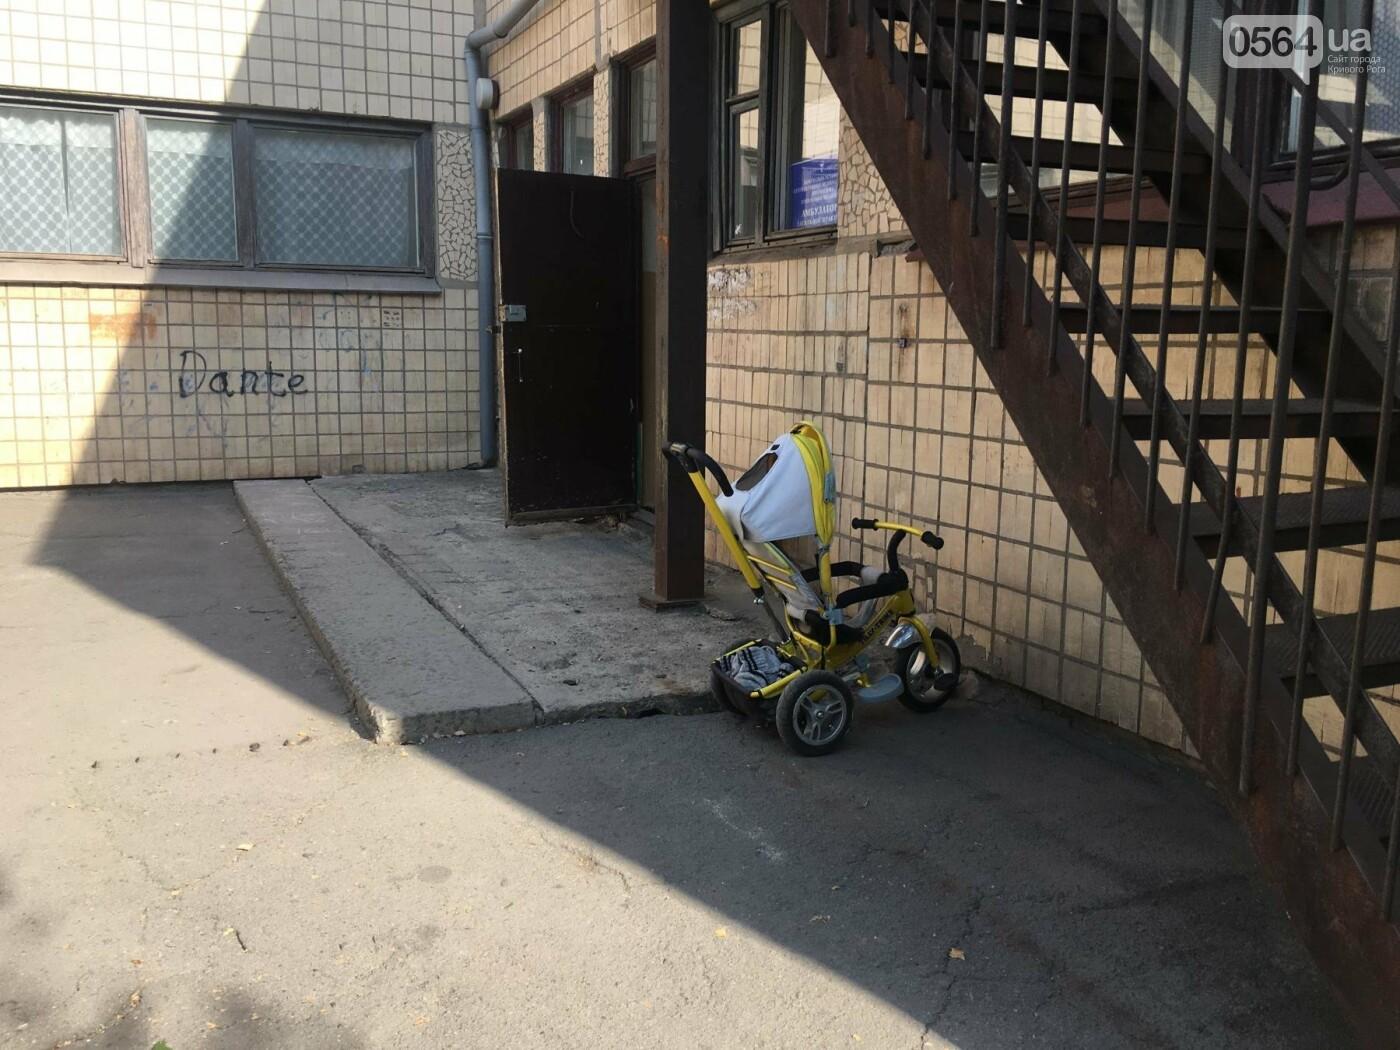 В детской поликлинике криворожане с младенцами дышат спорами грибка, ожидая в очереди (ФОТО), фото-7